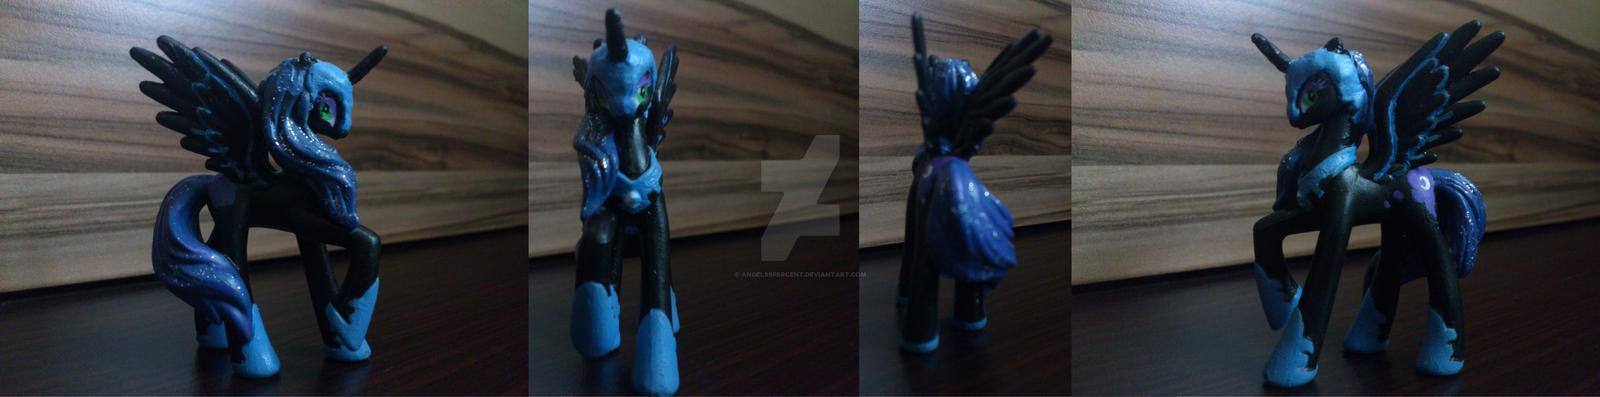 Nightmare Moon blind bag custom by angel99percent